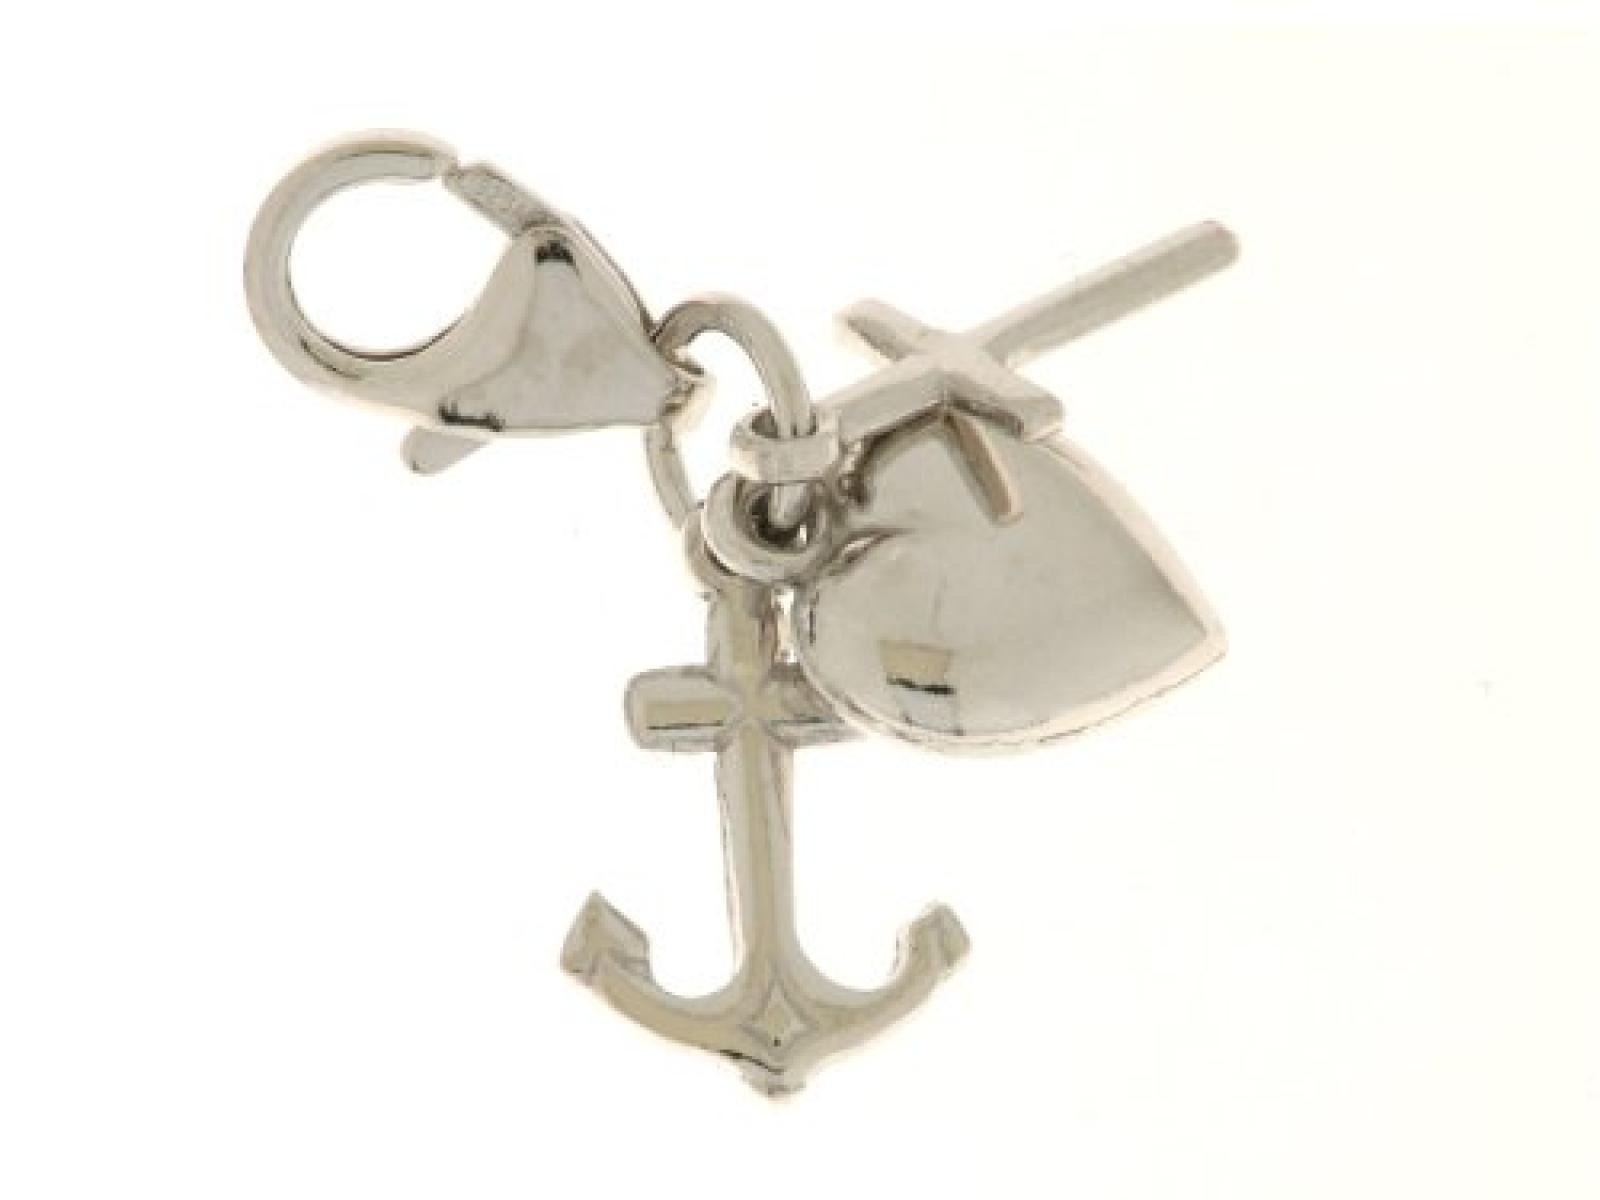 Bob C Damen-Charm 925 Sterling Silber rhodiniert 278324